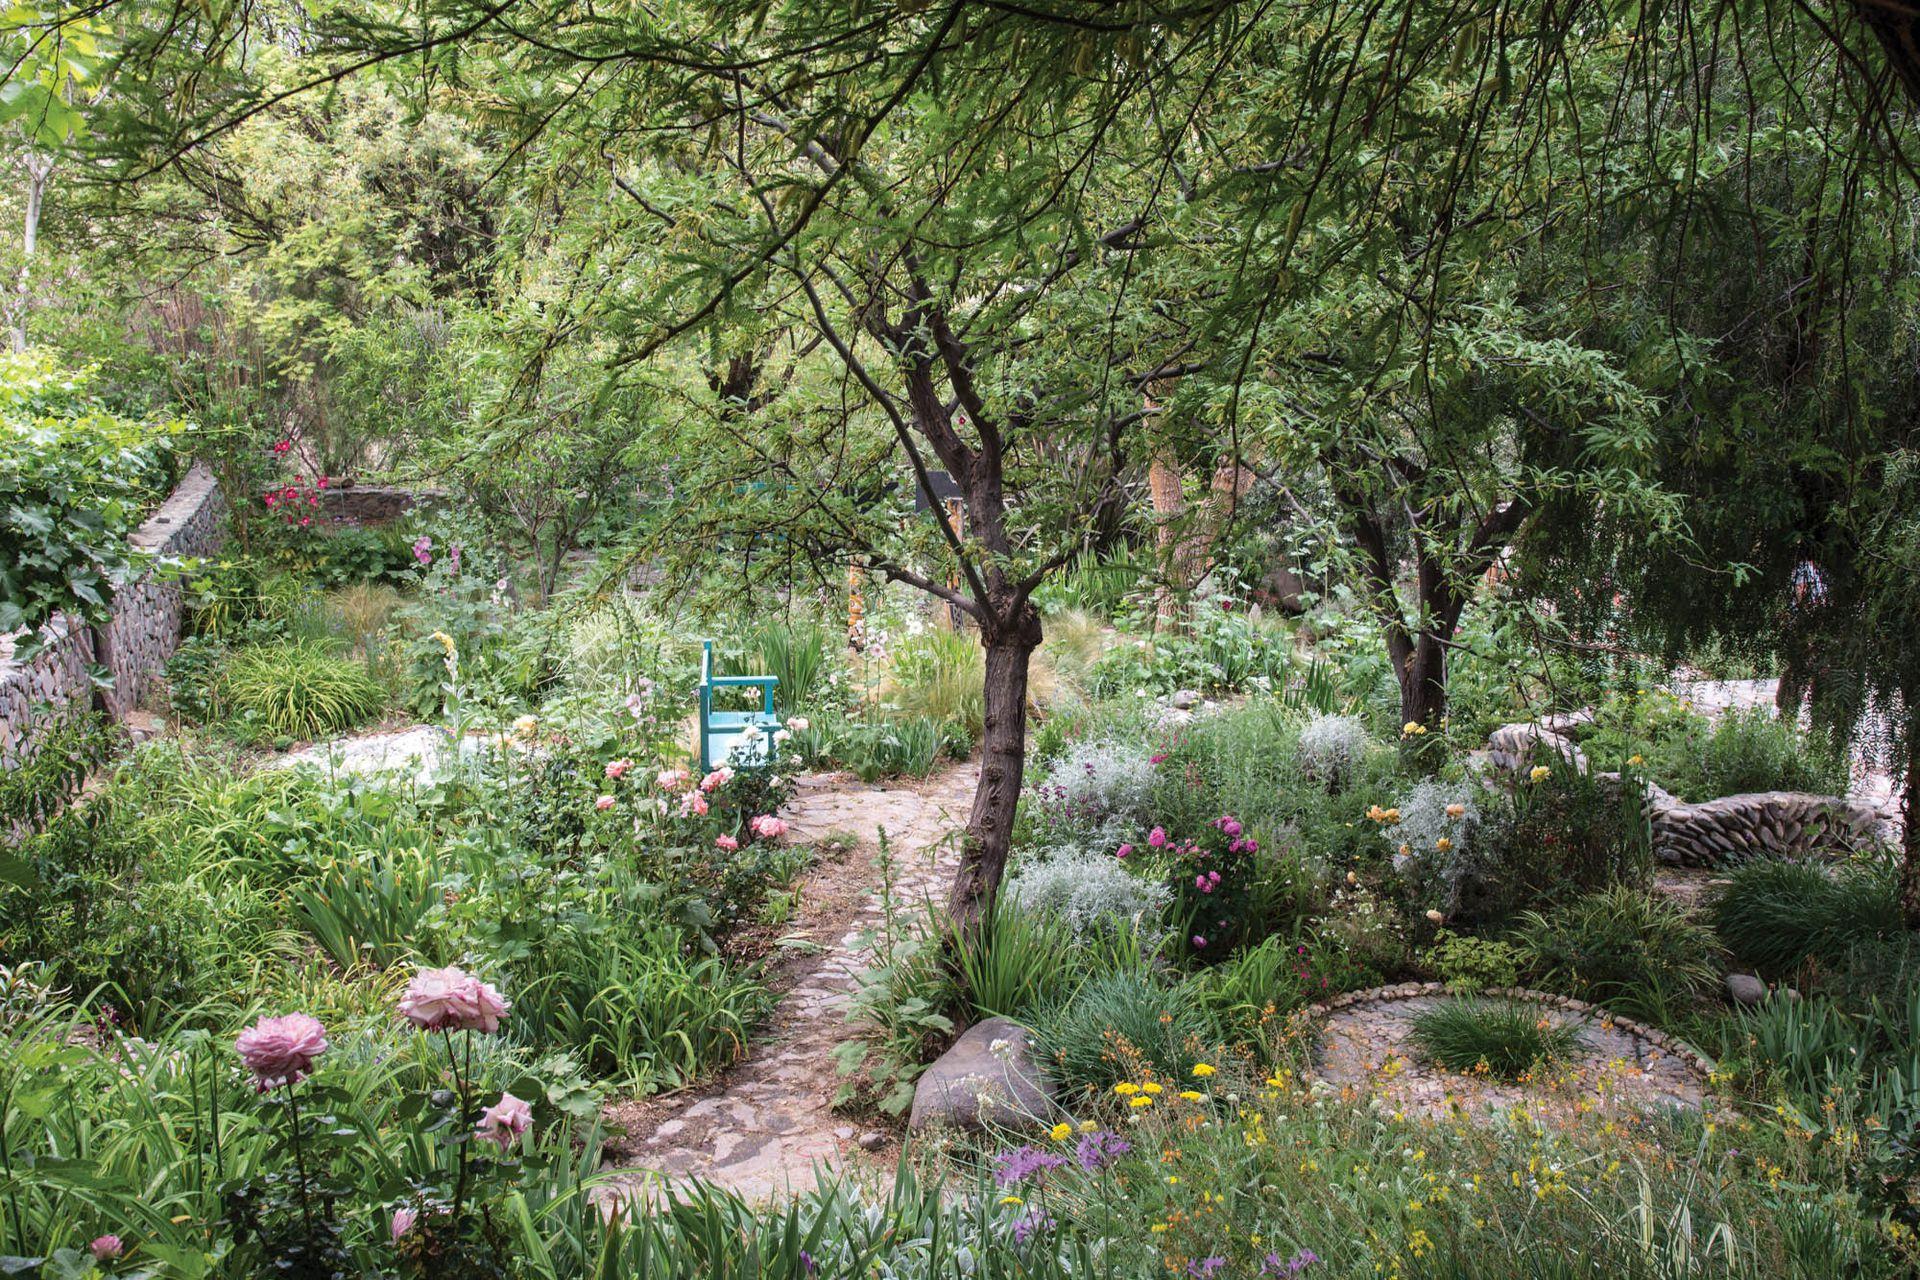 La casa del tejedor cuenta con un jardín de plantas aptas para zonas secas, un lugar de senderos, de bancos para sentarse a la sombra y de especies que se van naturalizando.